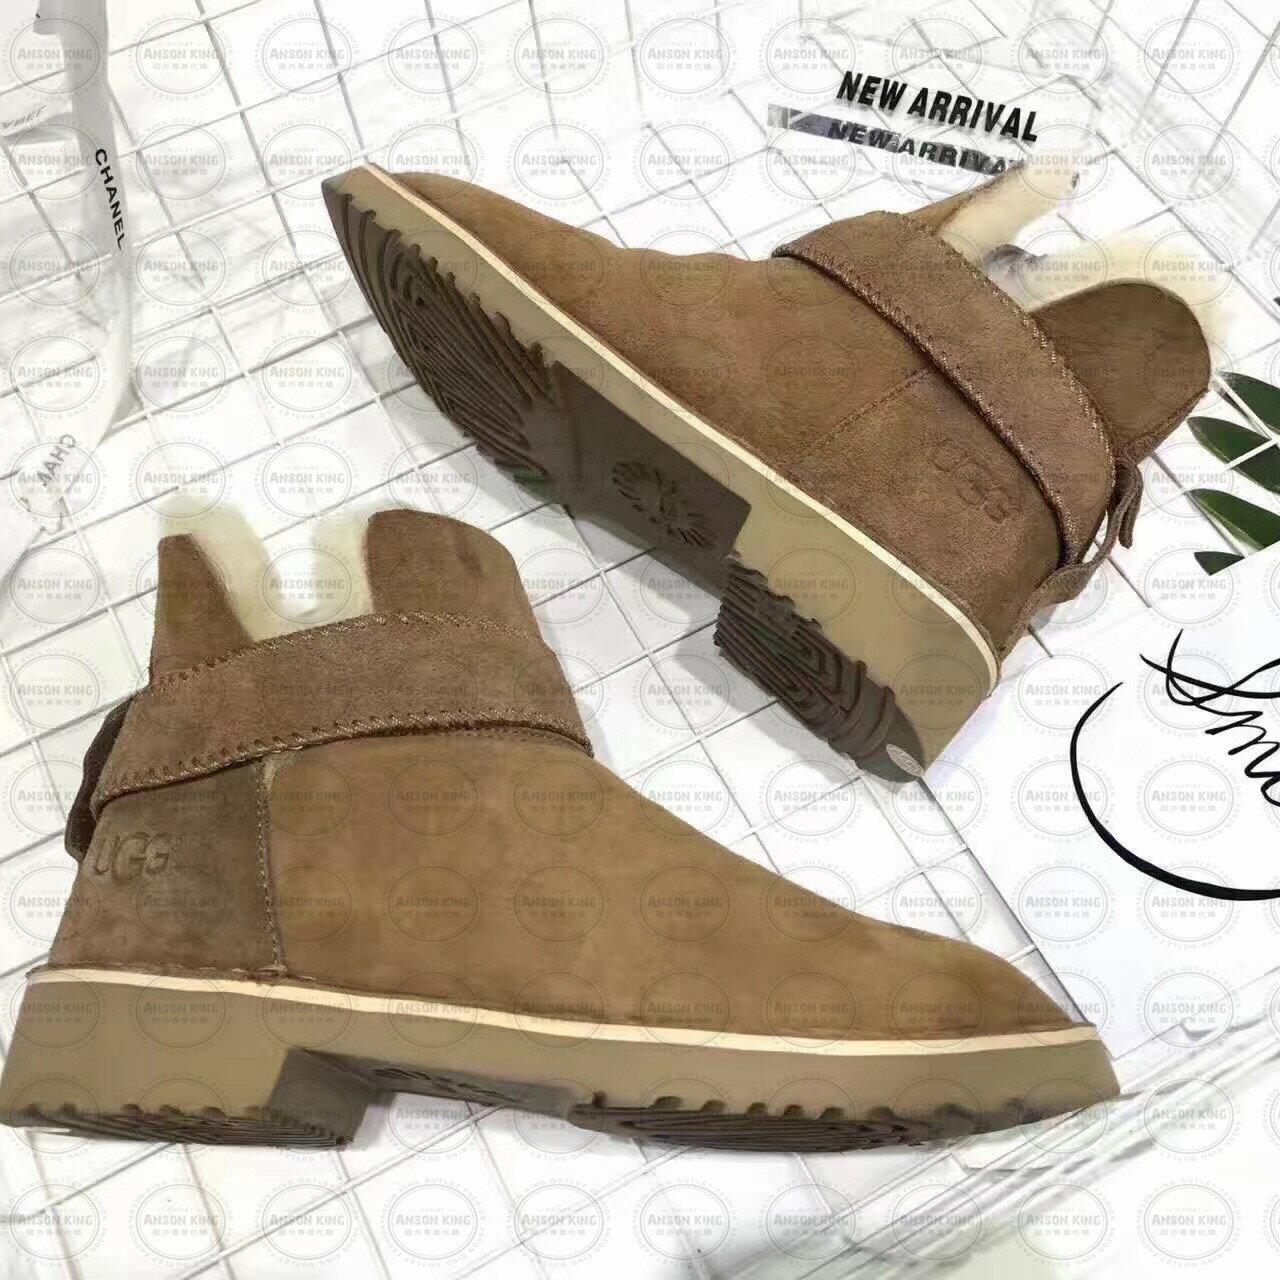 OUTLET正品代購 澳洲 UGG 羊皮毛一體馬汀靴 中長靴 保暖 真皮羊皮毛 雪靴 短靴 棕色 0